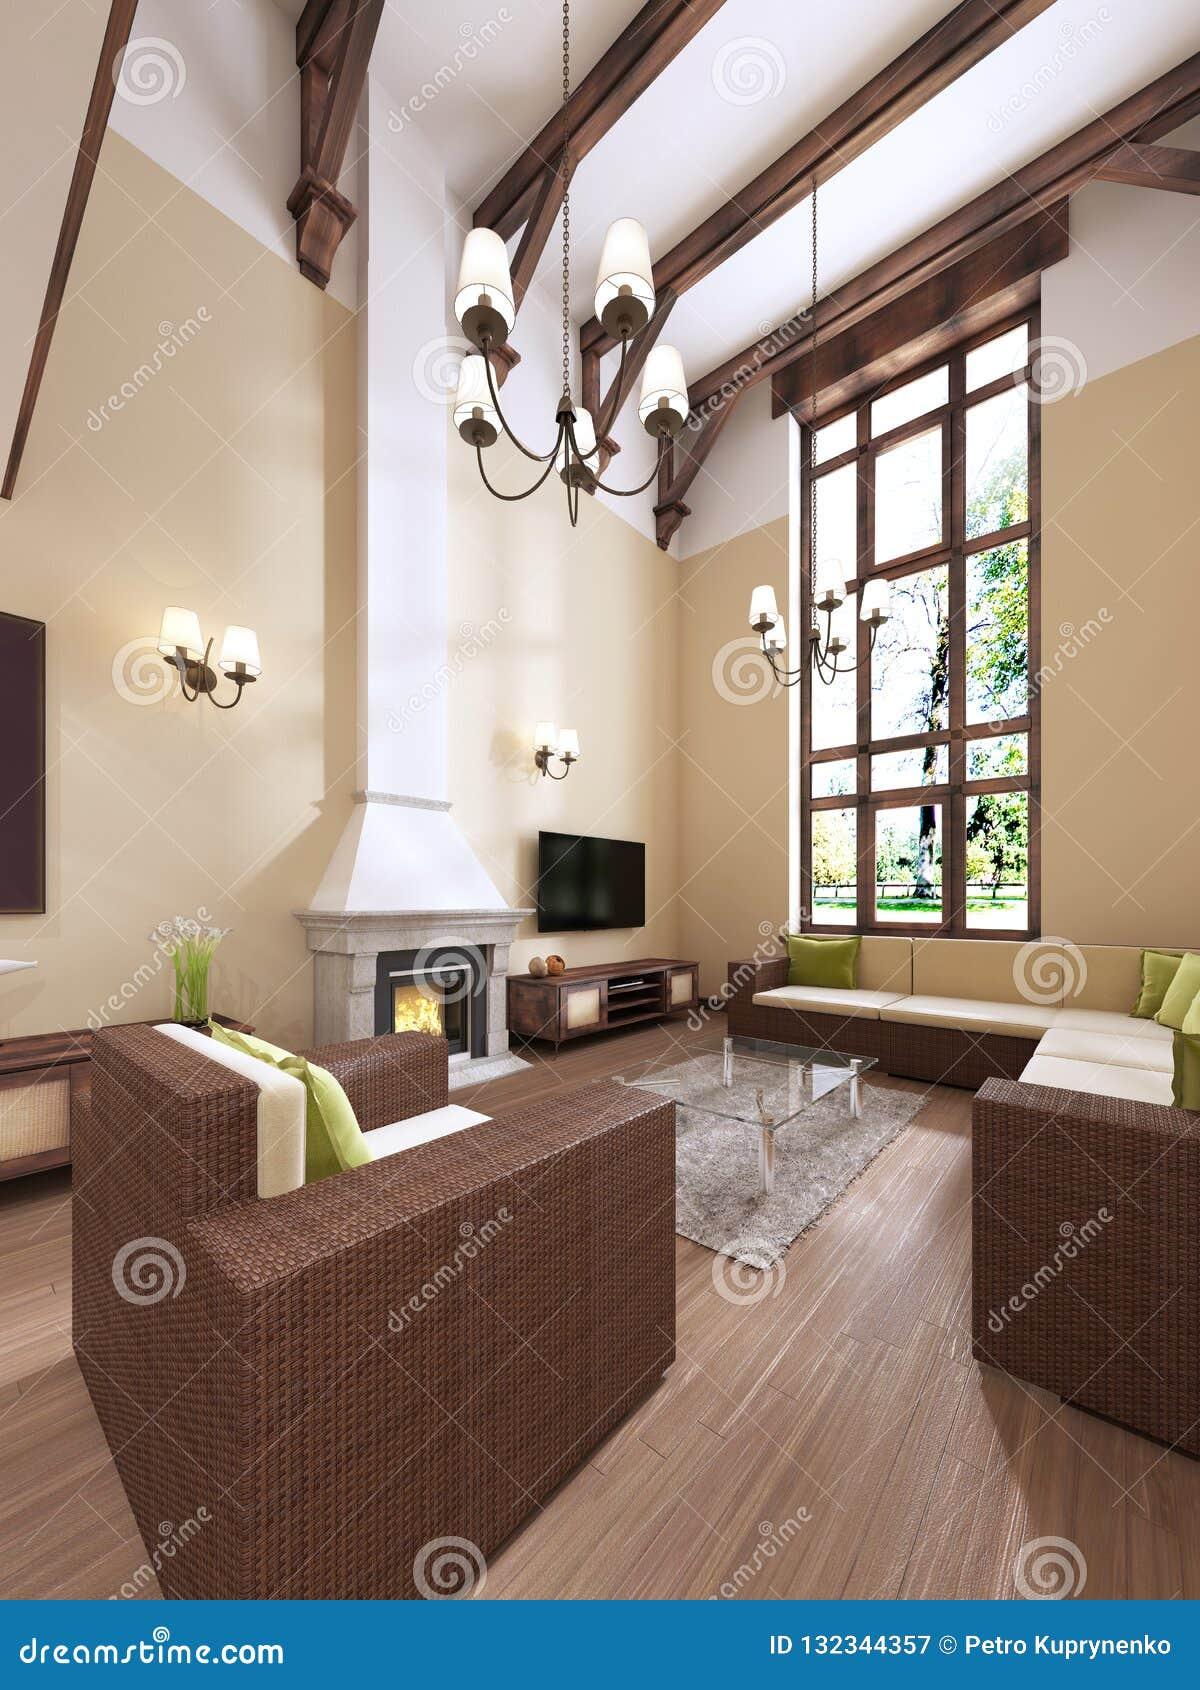 Der Innenraum Ist Moderne Englische Art Mit Einem Kamin Hohe